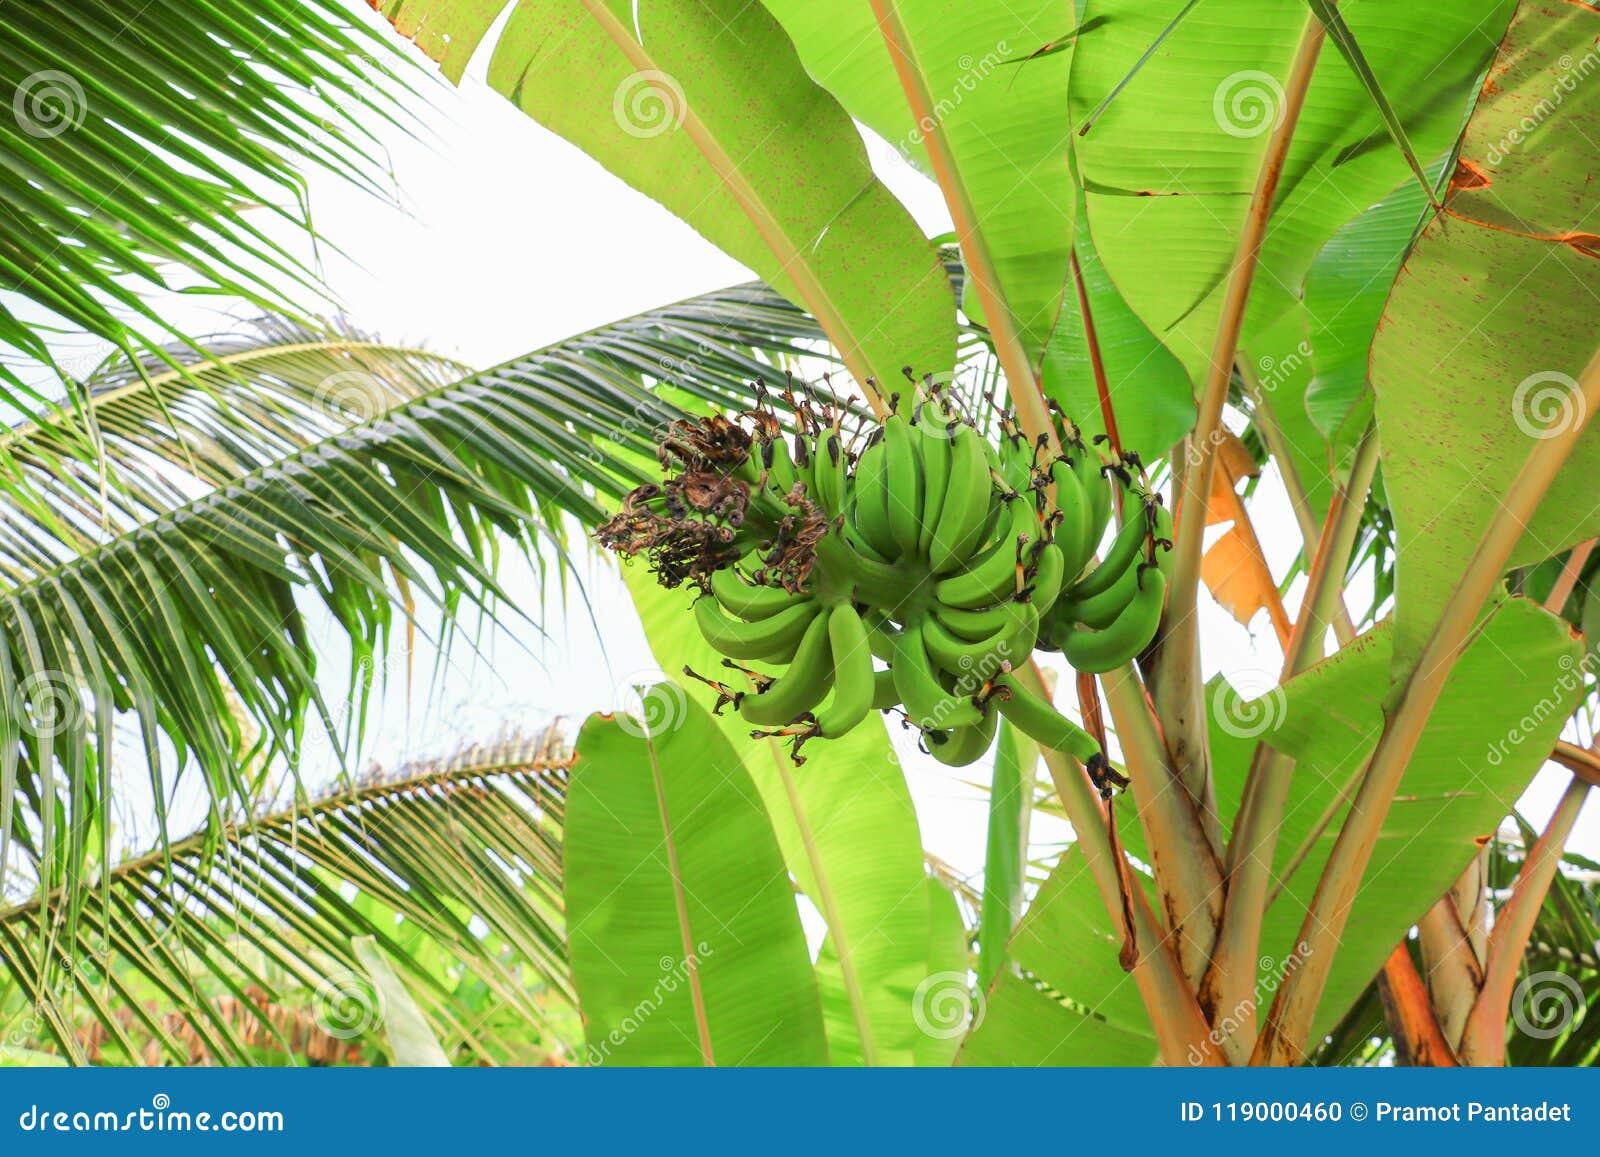 Bananowy surowy z wiązką na drzewie z kopii przestrzenią dodaje tekst